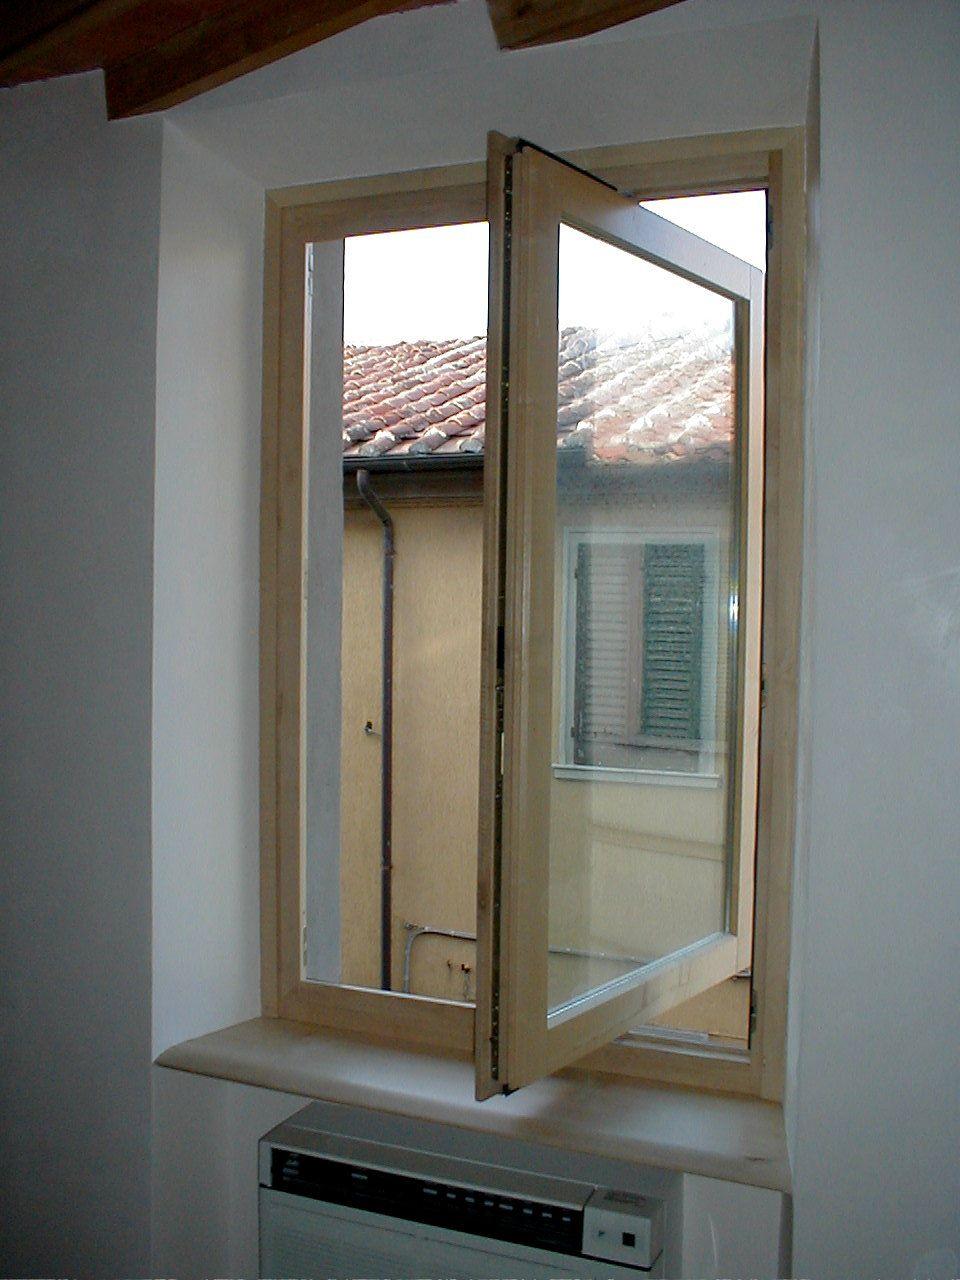 Finestra in legno di acero a bilico verticale infissi artigianali home decor mirror e furniture - Finestre a ghigliottina ...